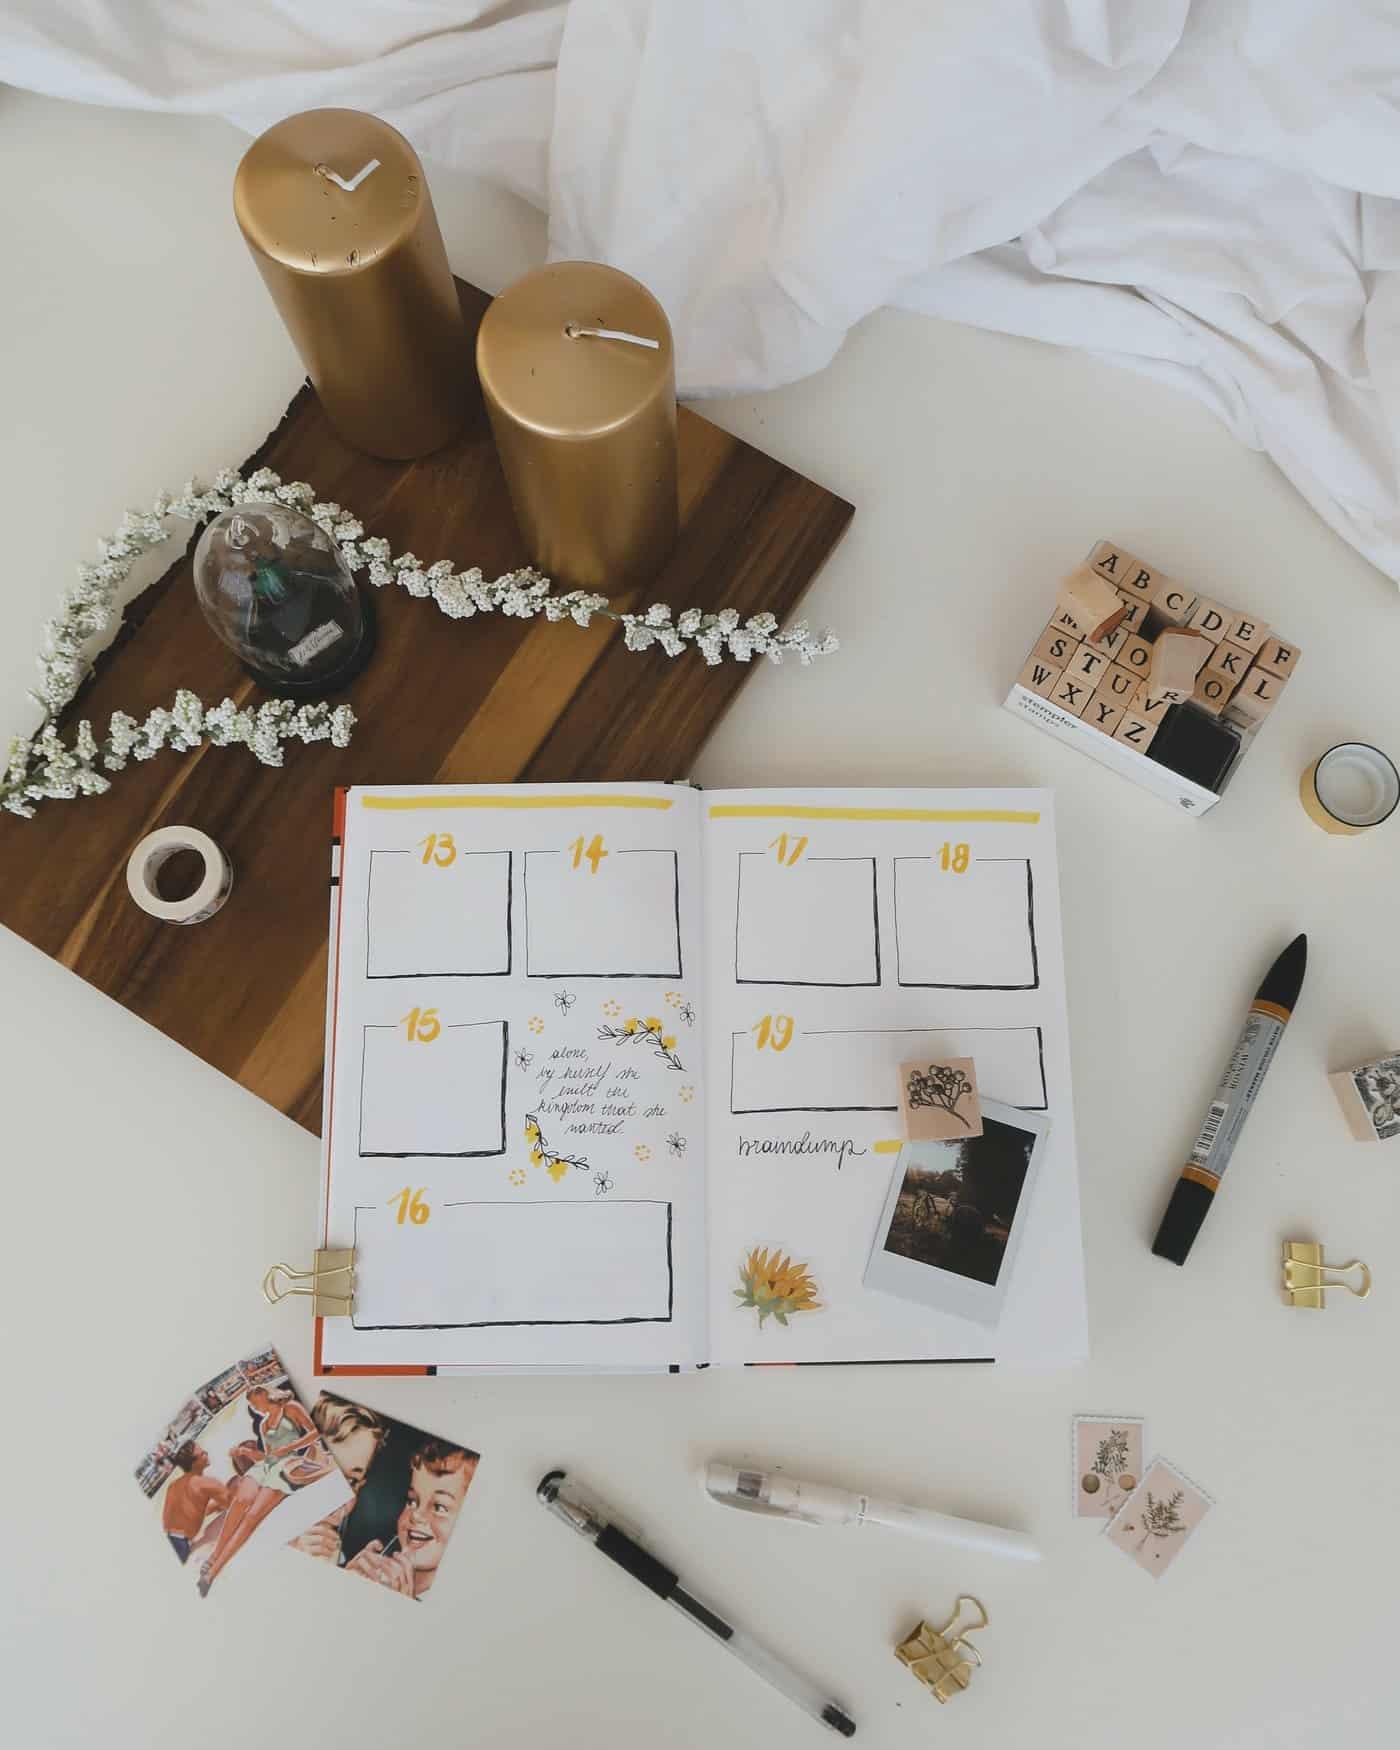 Bullet journal with a calendar